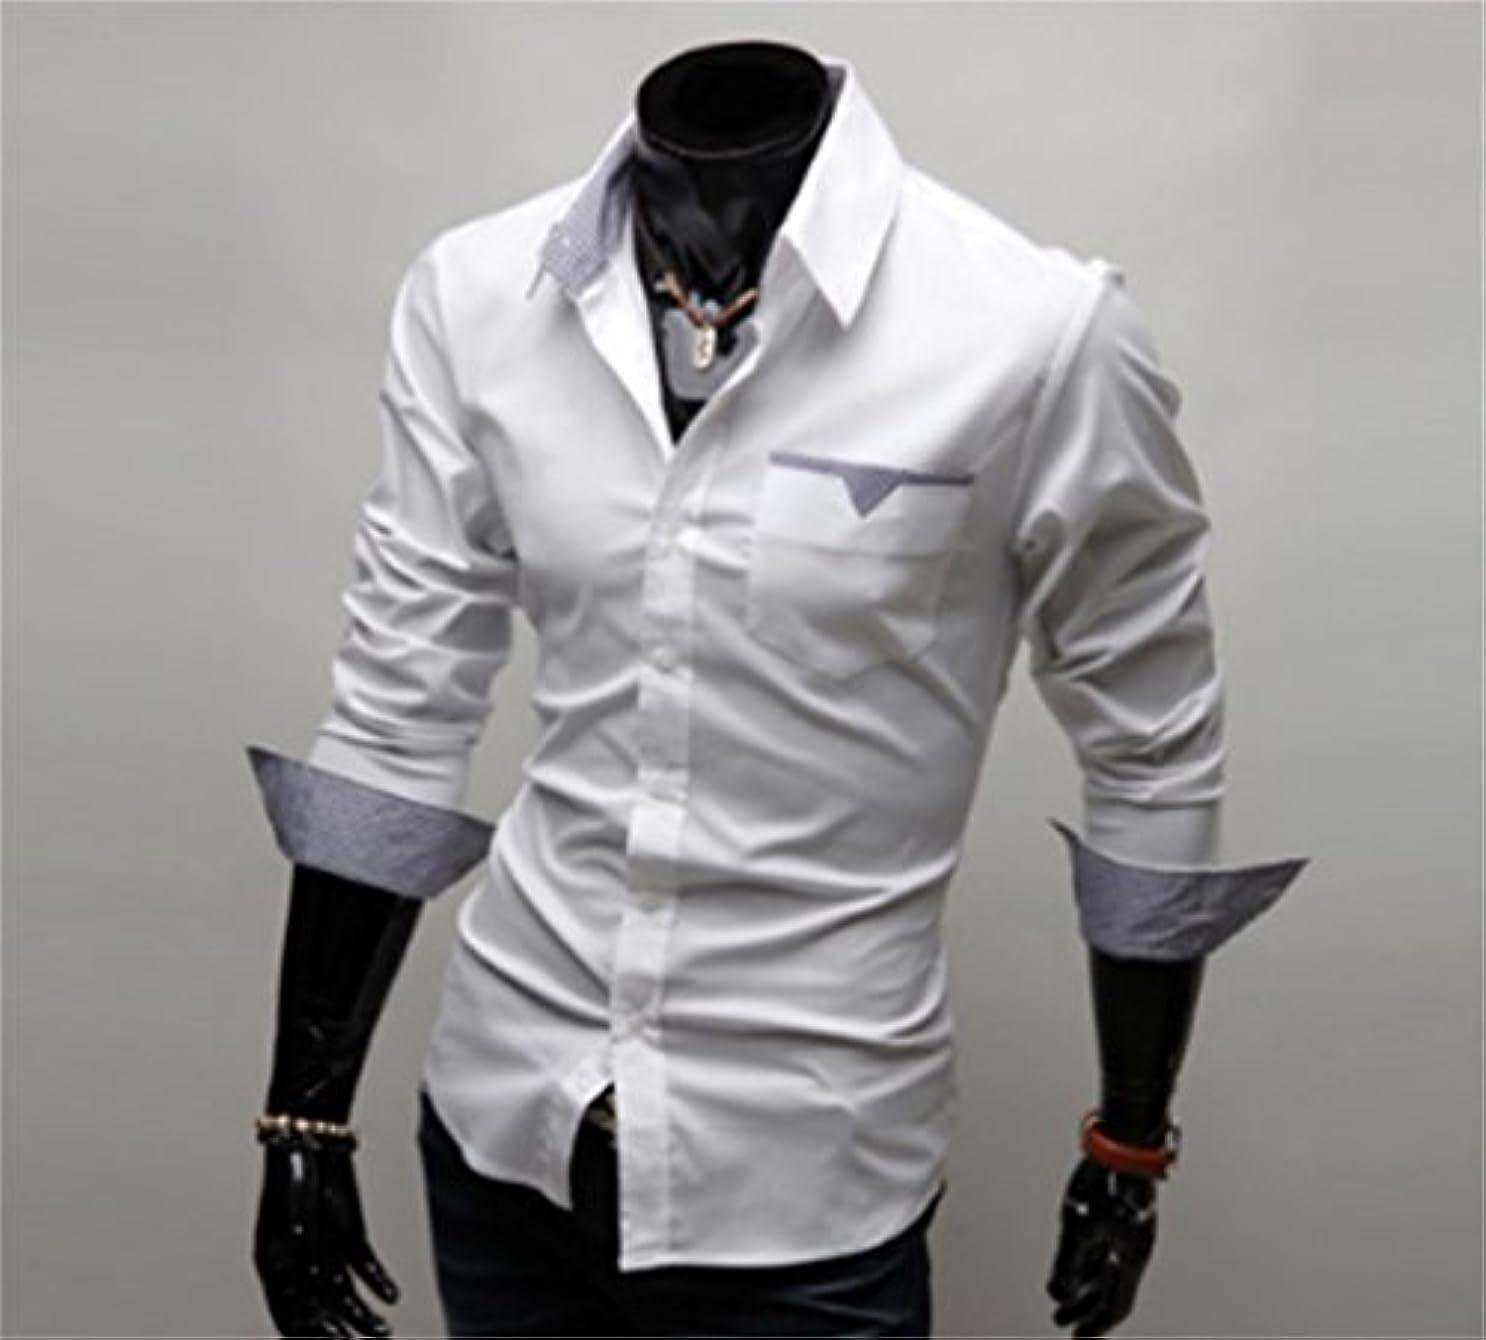 ハンカチ喜び彼らはHonghu メンズ シャツ 長袖 カジュアル ホワイト L 1PC